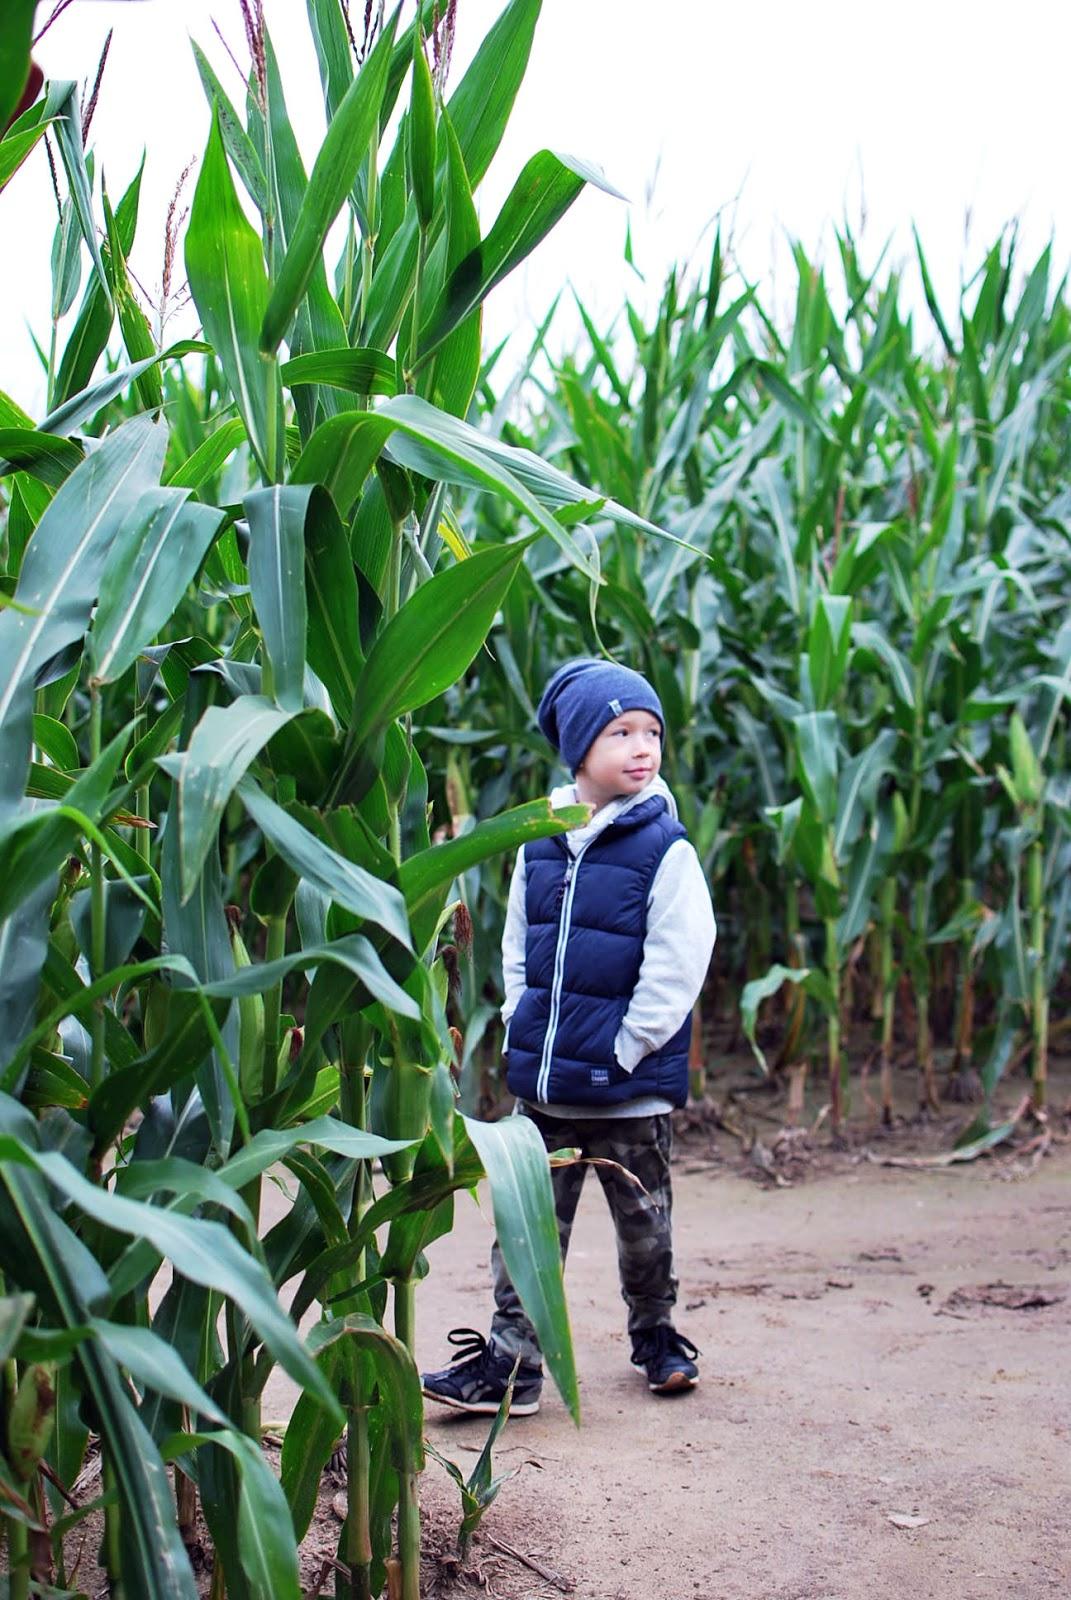 Labirynt w polu kukurydzy w Swarzewie - tu warto się zgubić